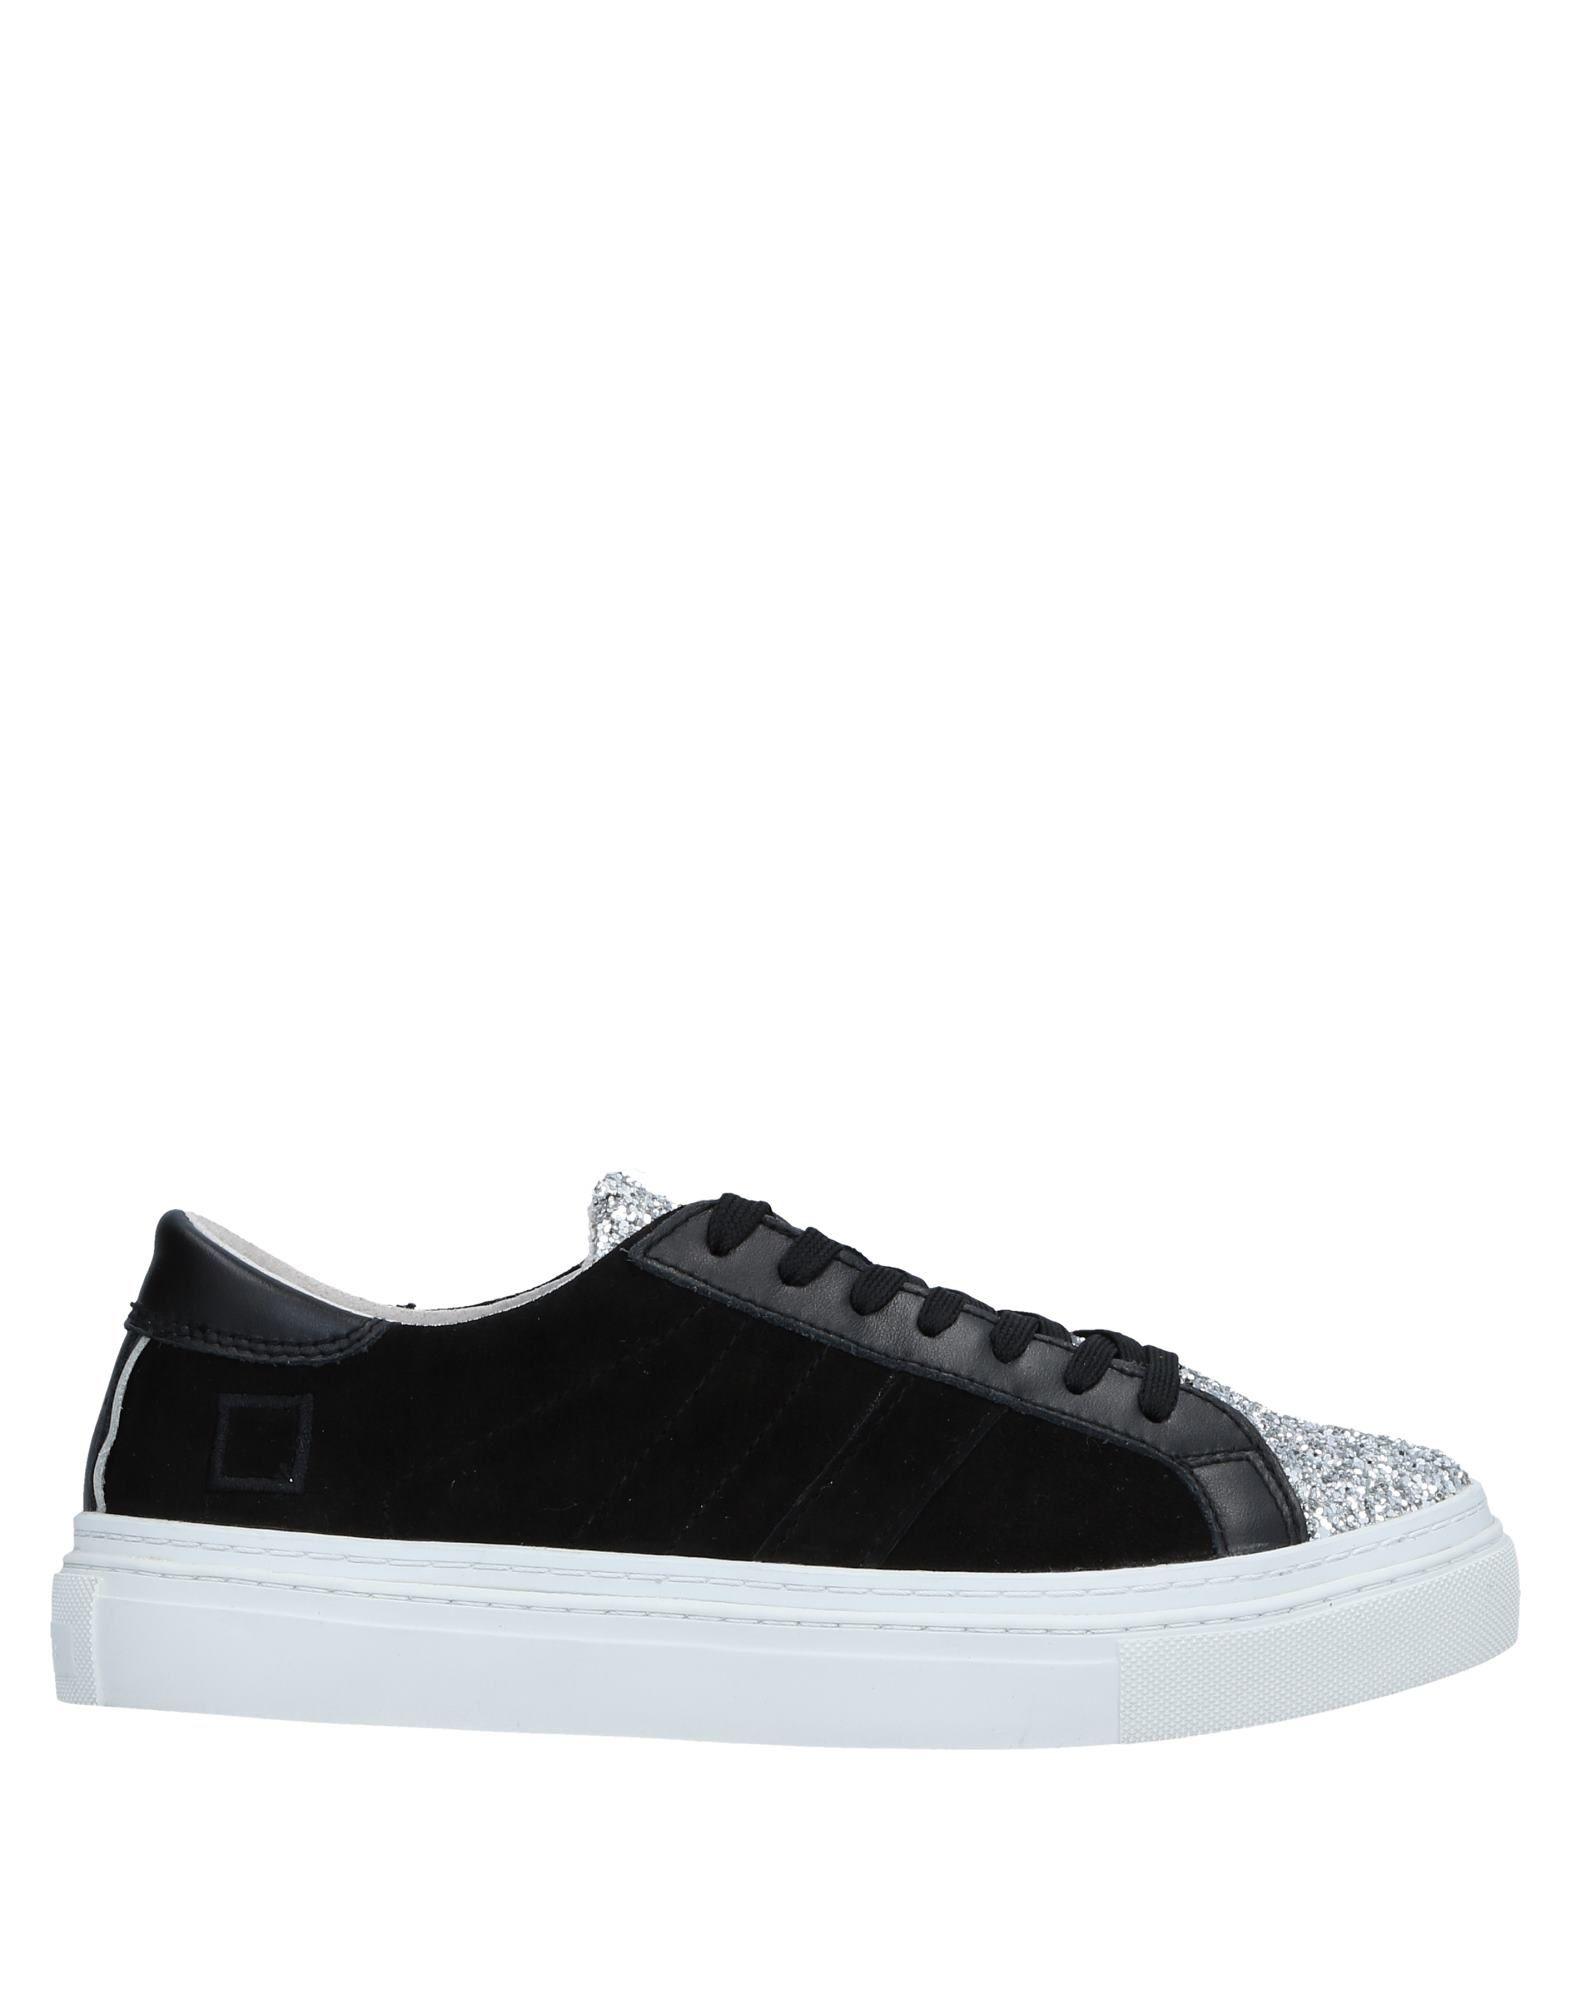 Scarpe economiche e resistenti Sneakers D.A.T.E. Donna - 11518658SX